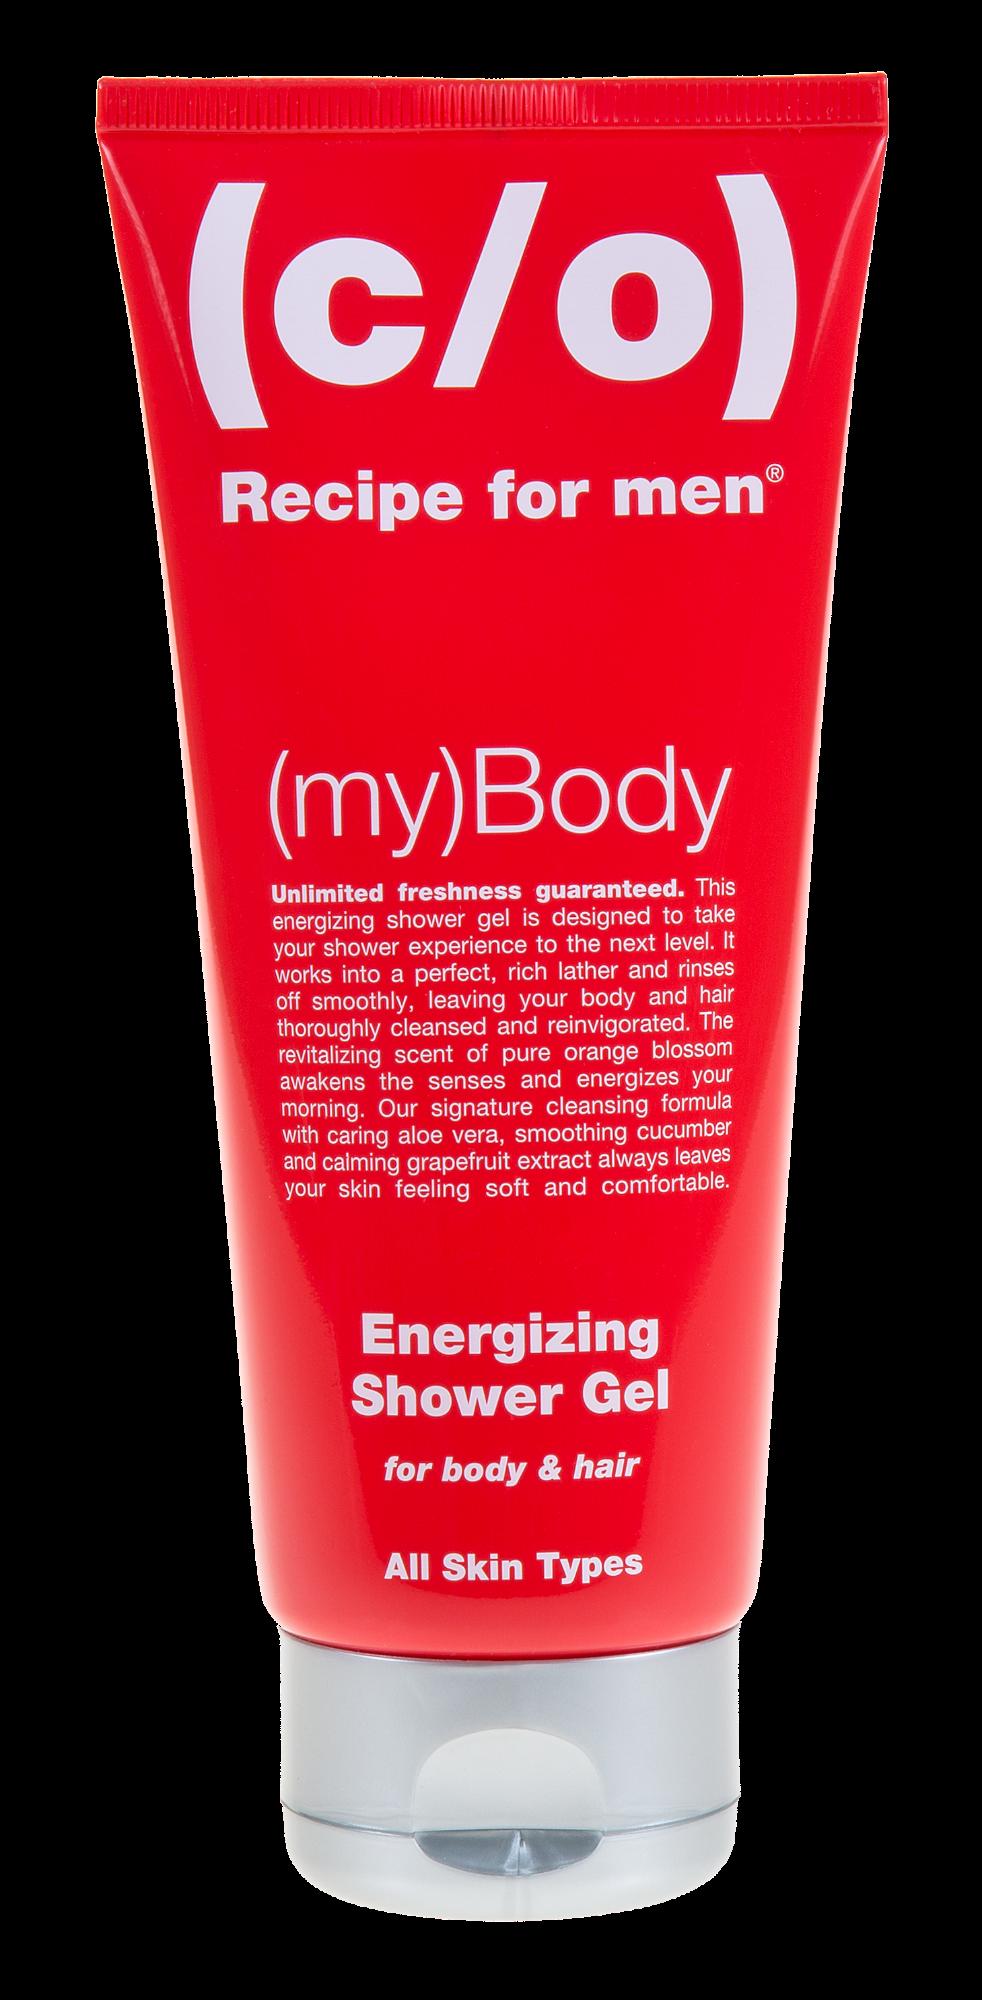 Energijos suteikiantis šampūnas ir prausiklis 2in1  RECIPE FOR MAN C/O, 200 ml